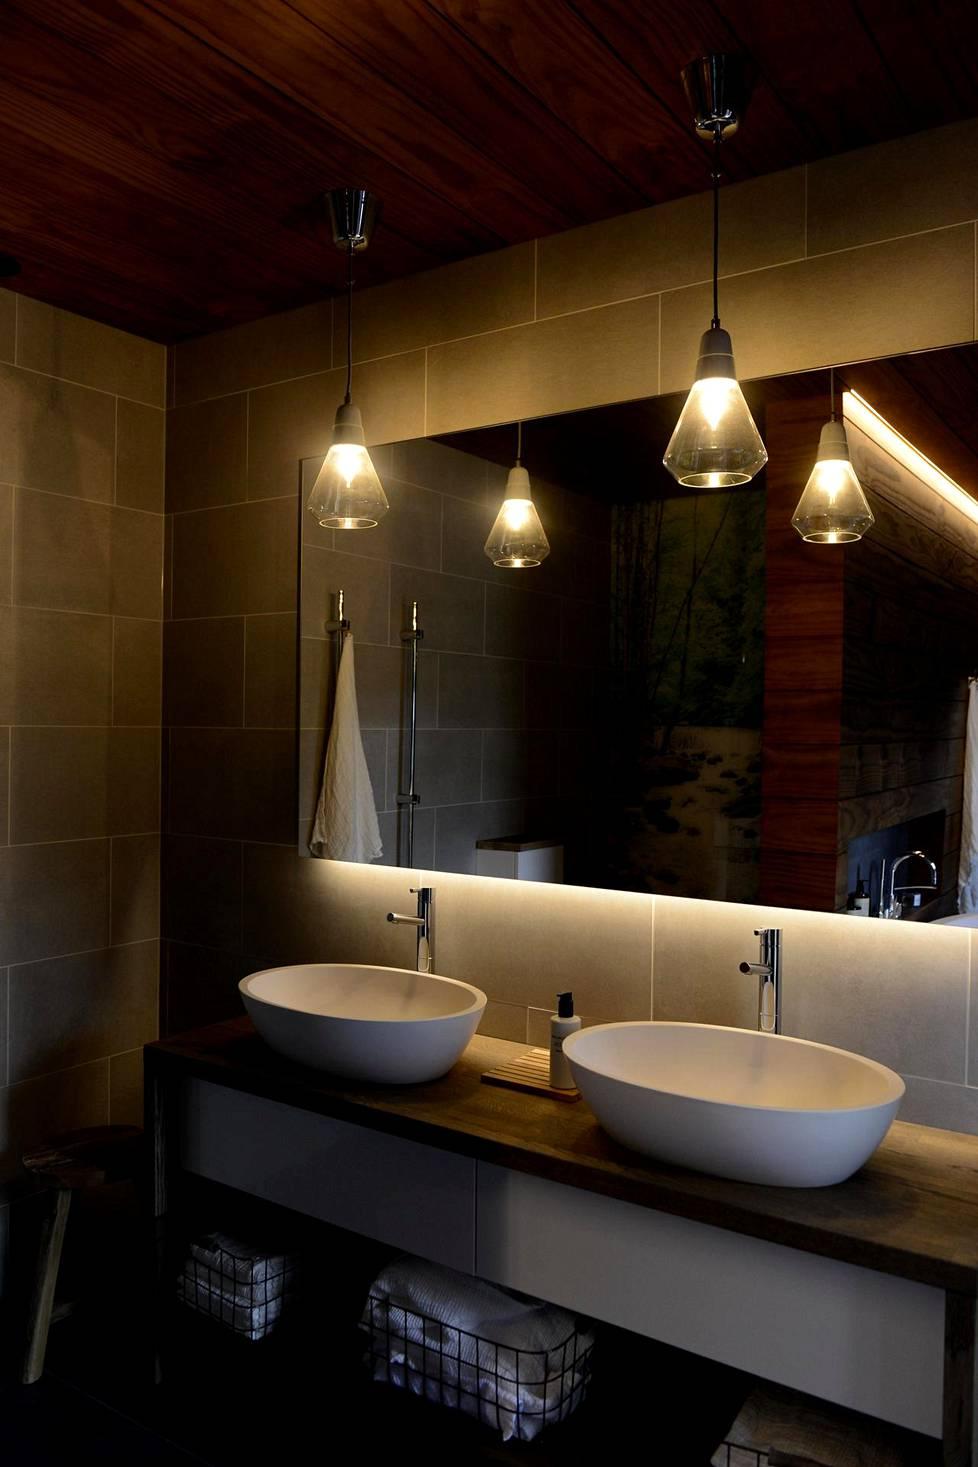 Useissa kohteissa kylpyhuoneen valaistukseen oli haettu vaihtelua riippuvilla valaisimilla.